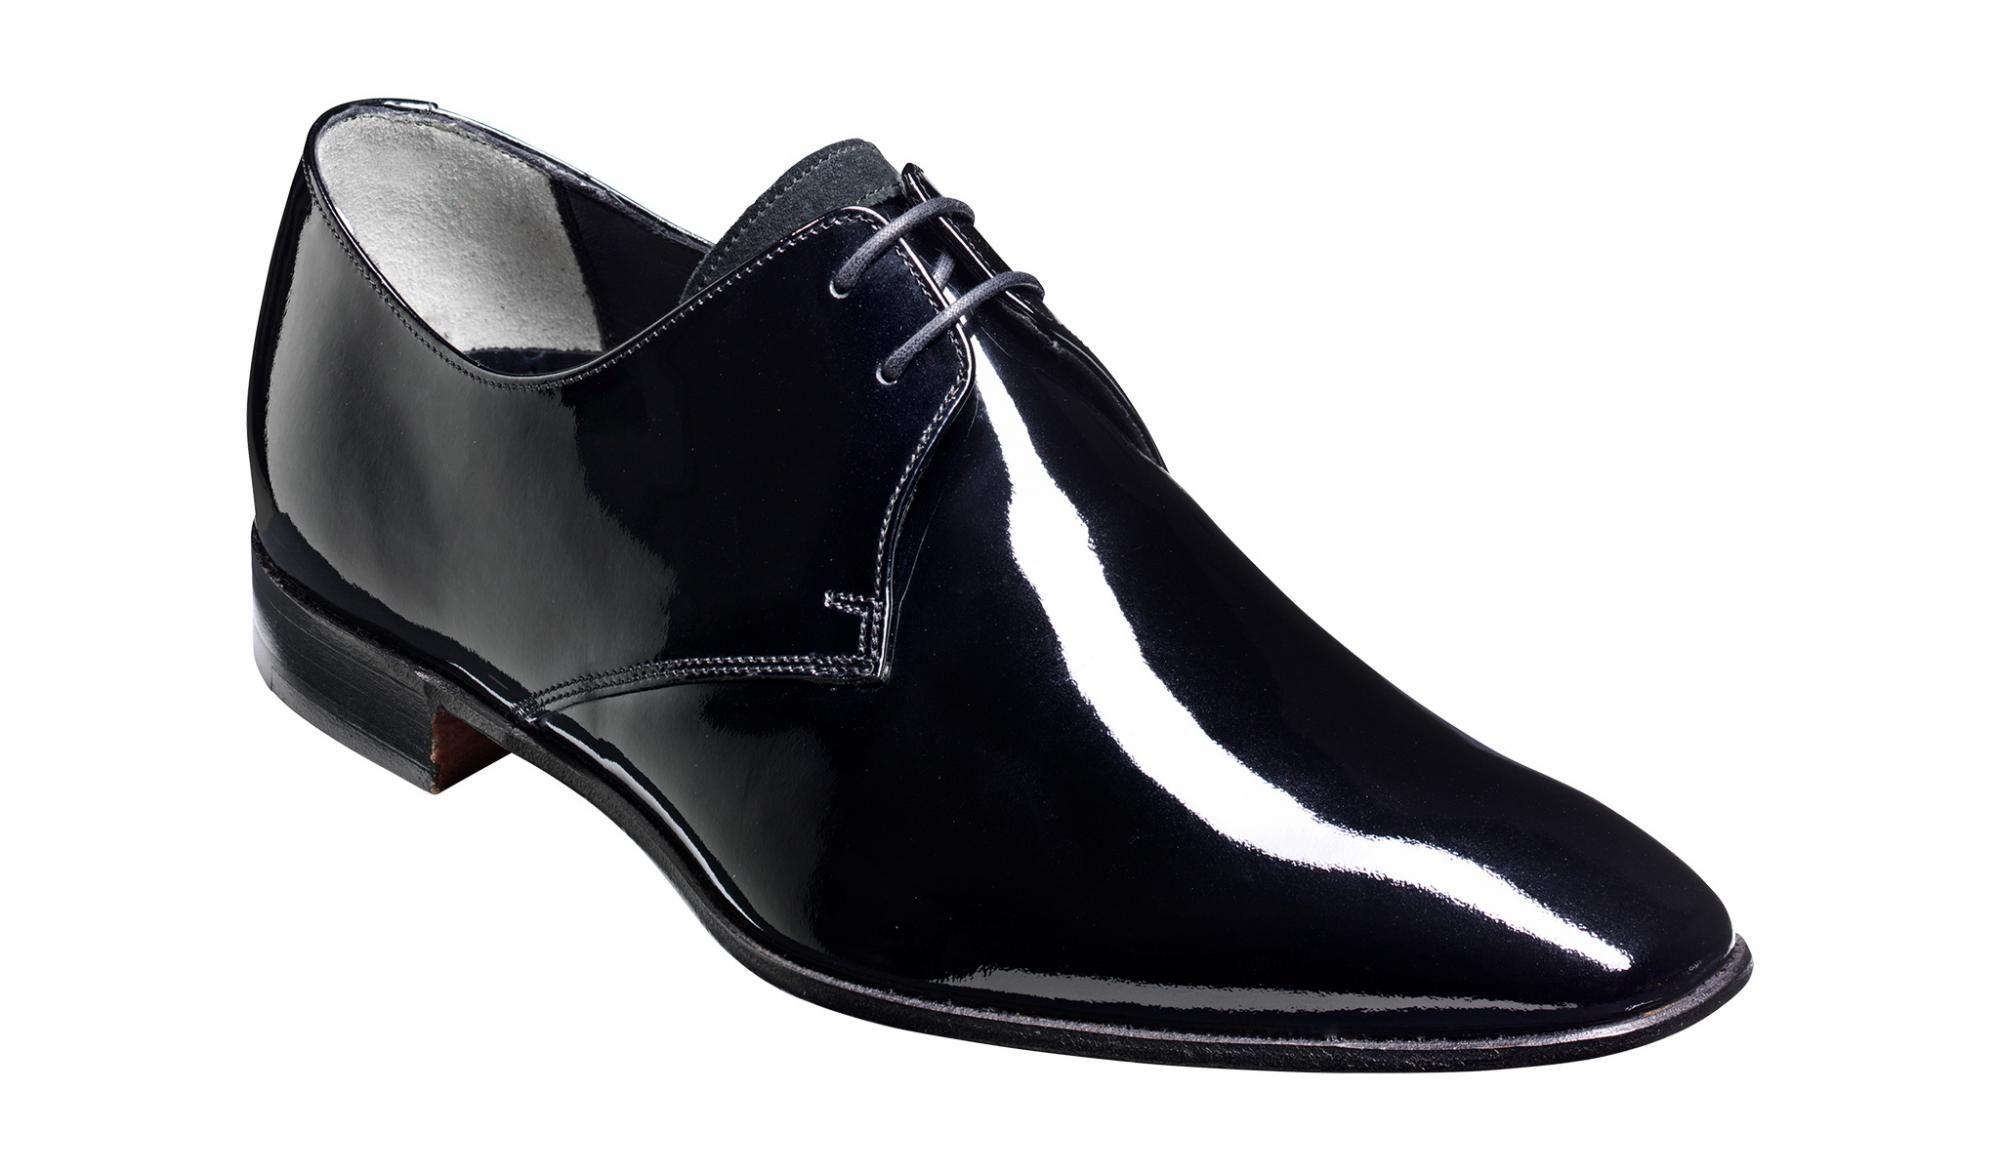 ed4ef751 Barker Goldington Derby Shoe in Black Patent / Suede